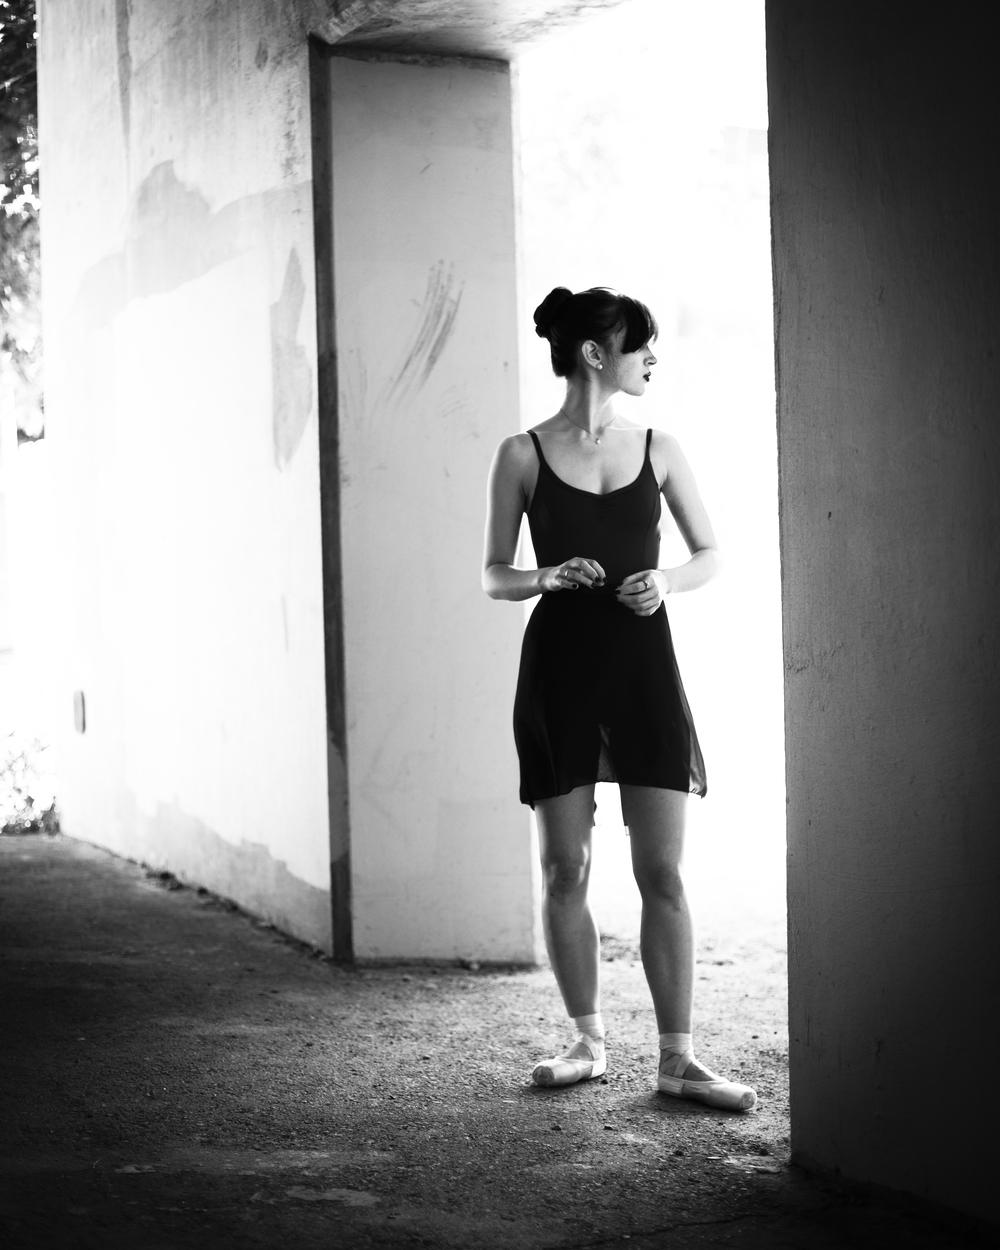 andrianna_ballet-6.jpg